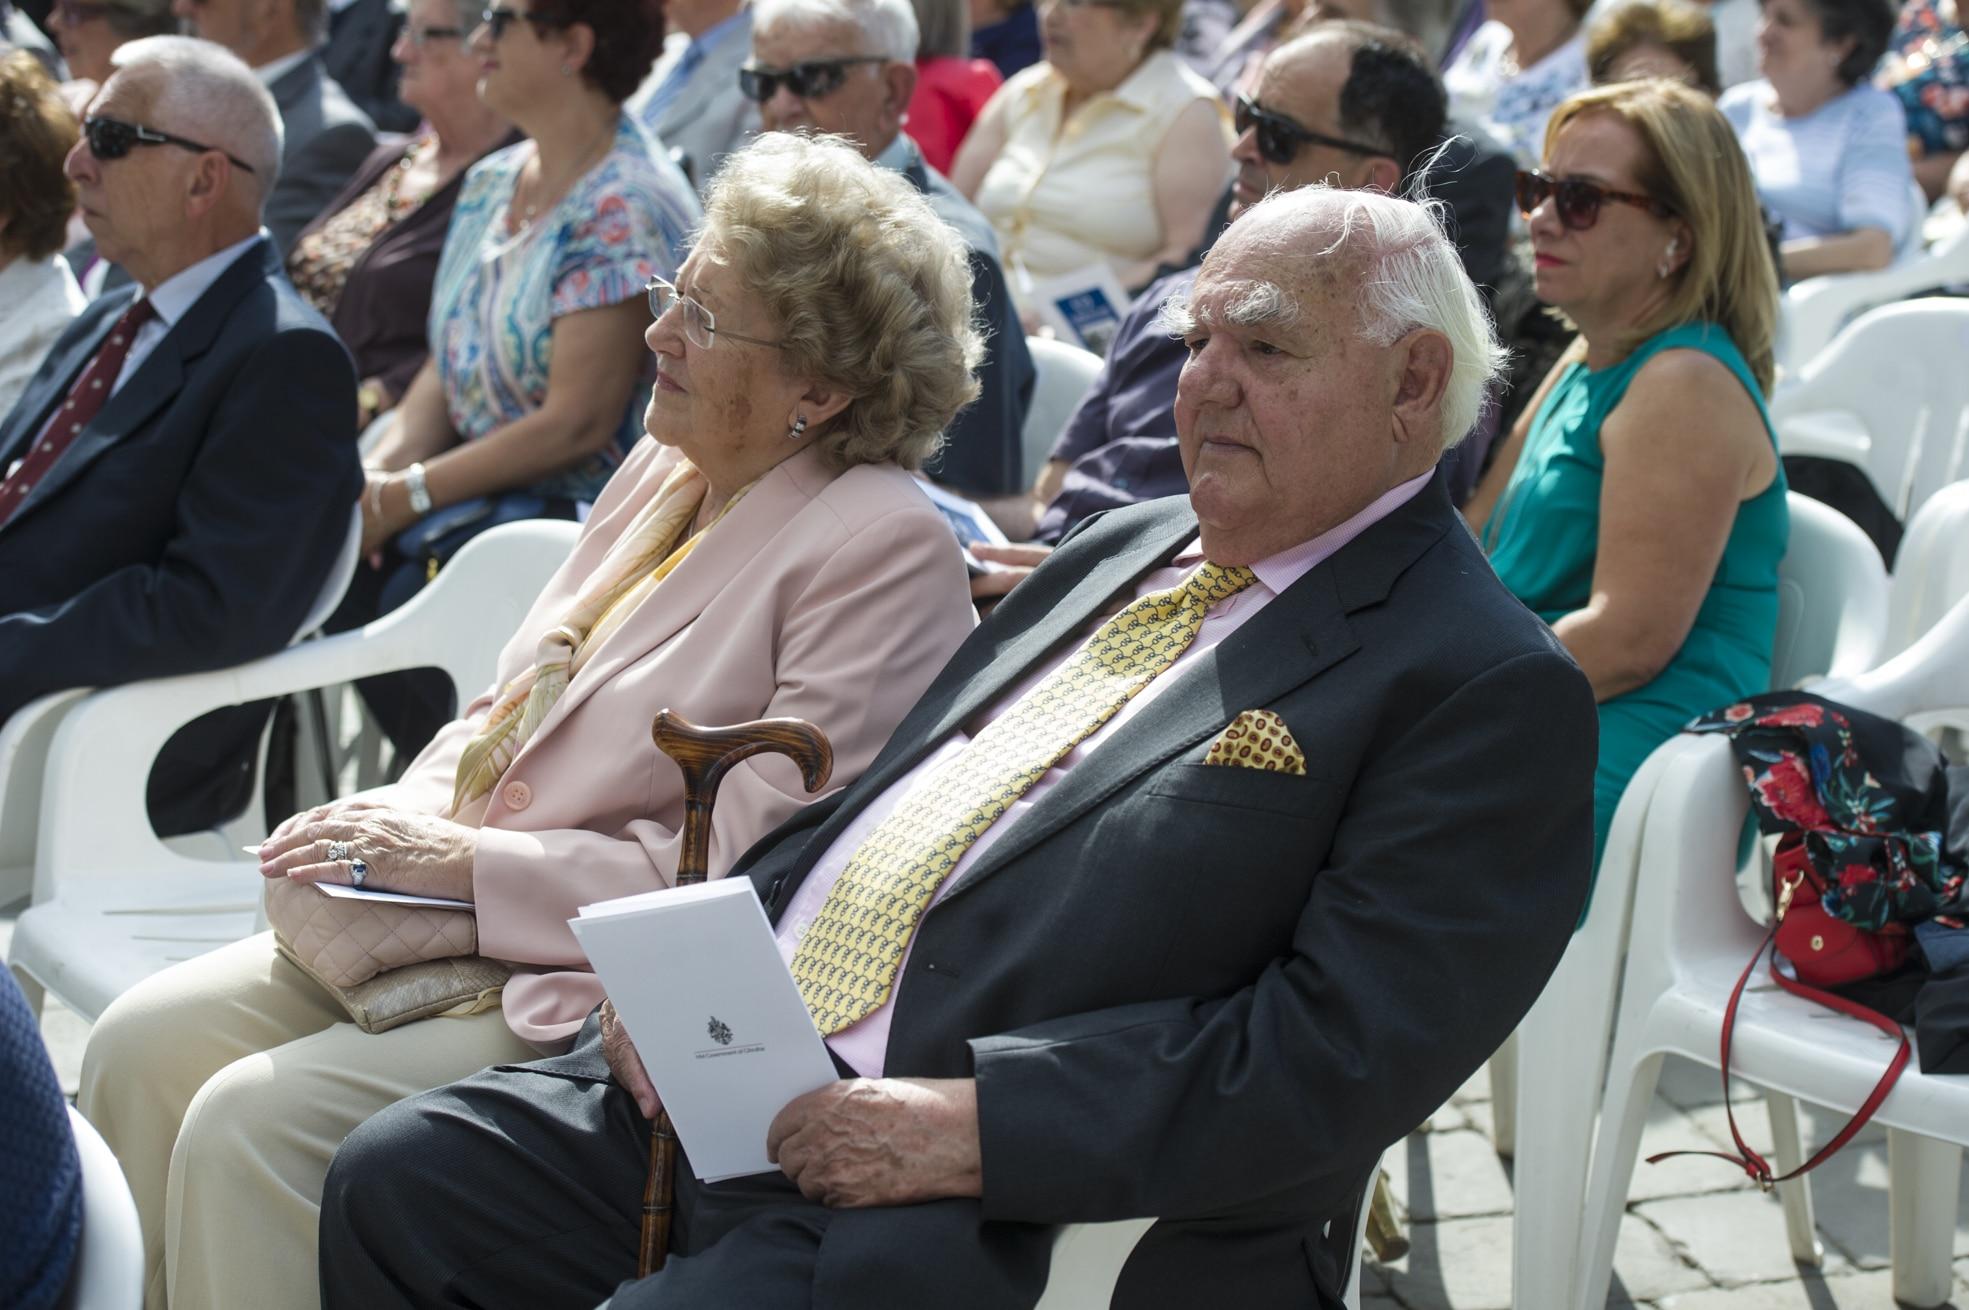 ceremonia-75-anos-evacuacion-gibraltar-22052015-20_17807347728_o